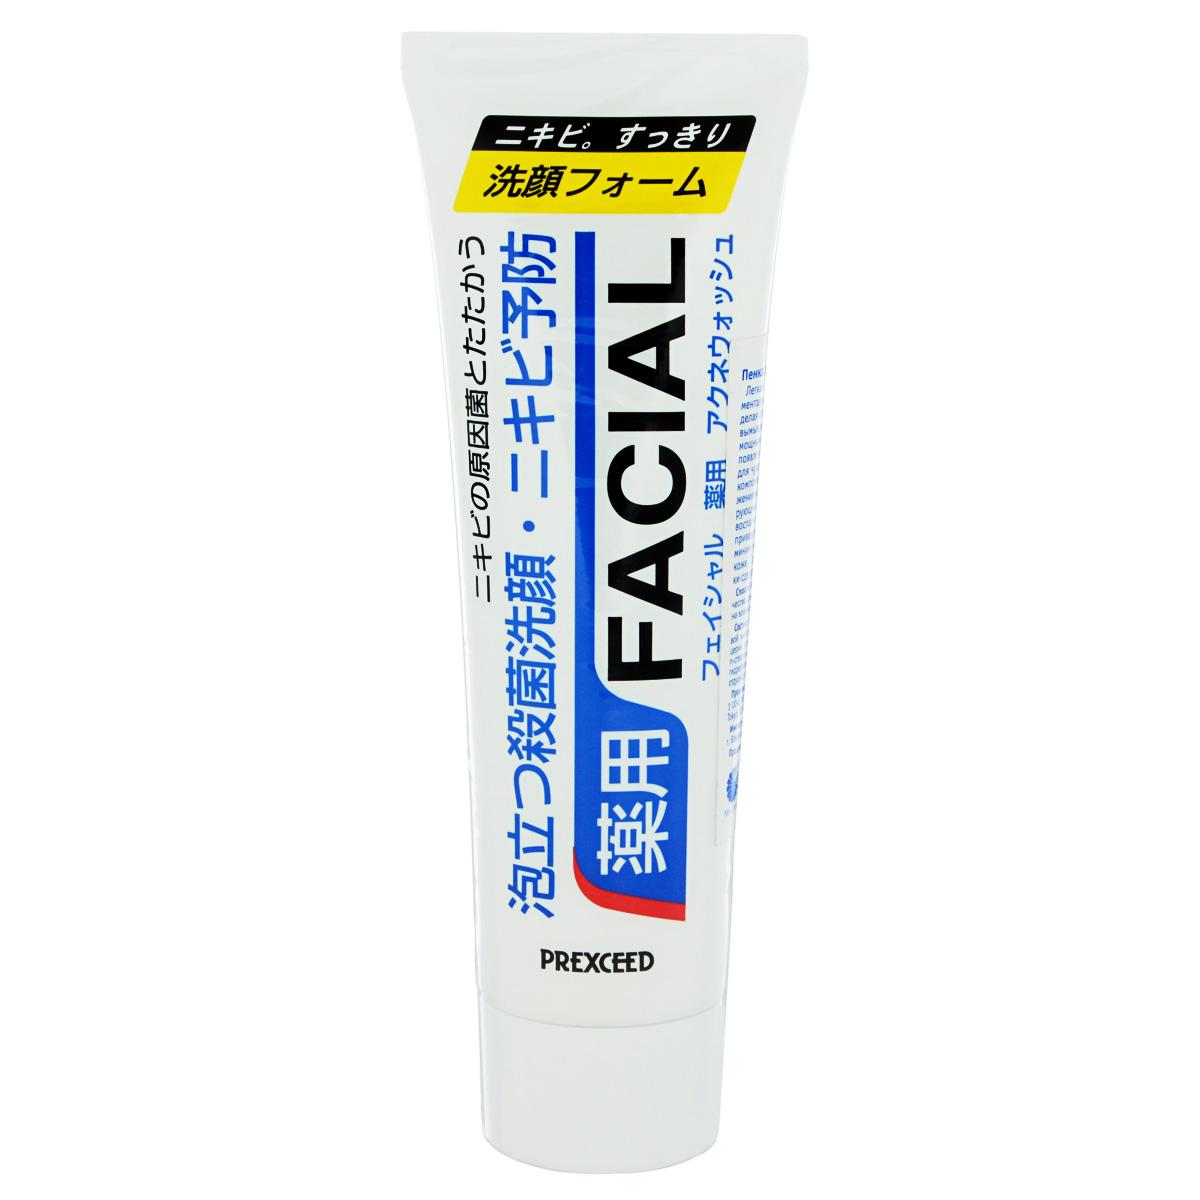 Yanagiya Пенка для умывания для проблемной кожи 140г пенка для умывания с антибактериальным эффектом skinlife 130 г